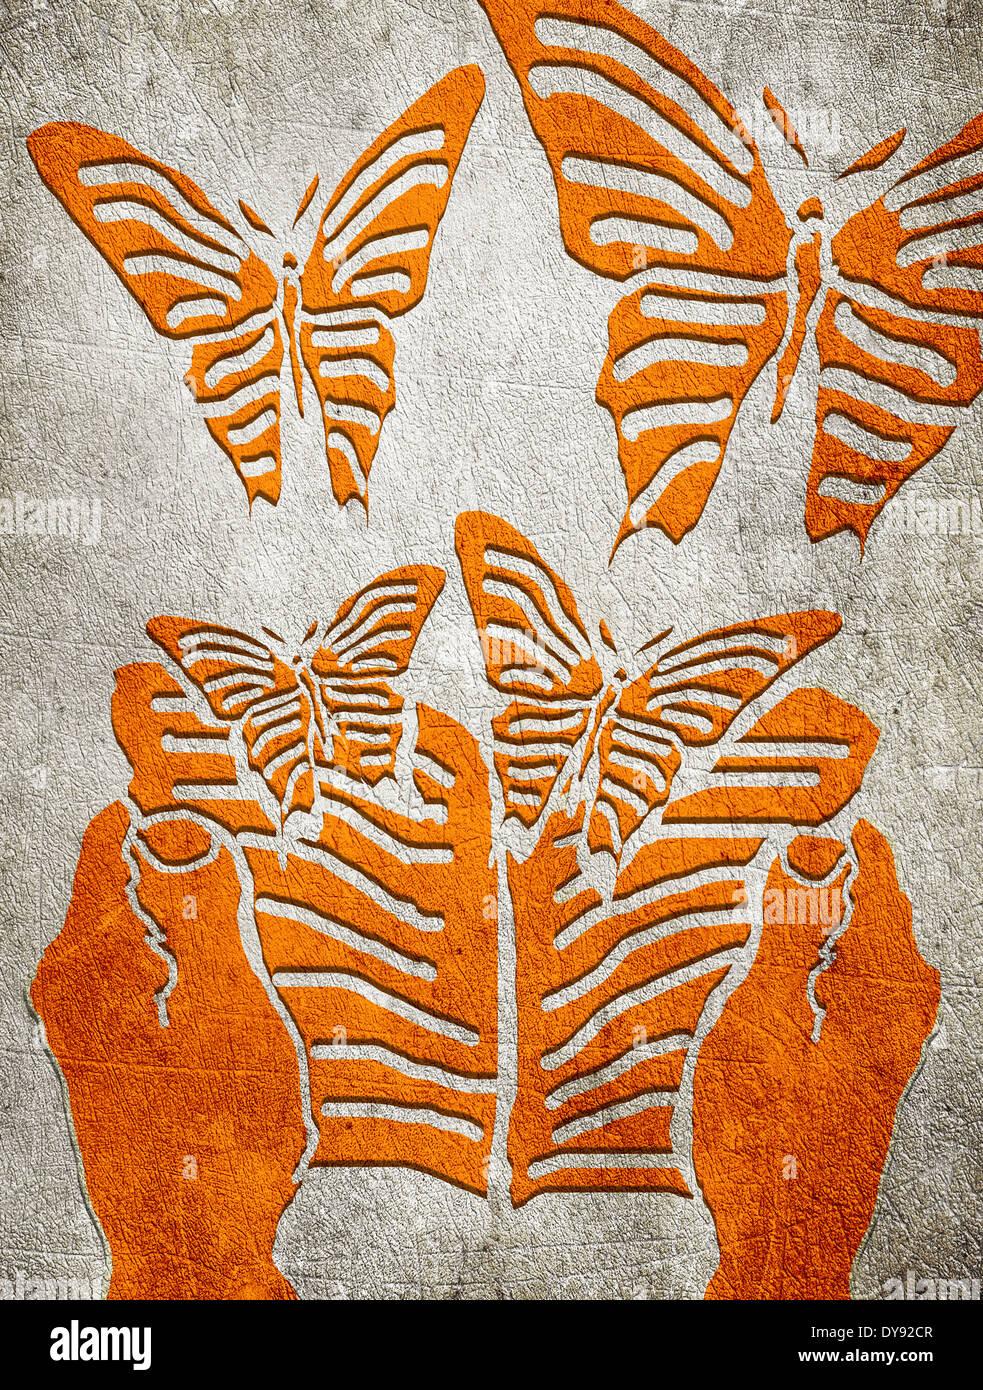 Hände mit Buch und Schmetterling Stockbild